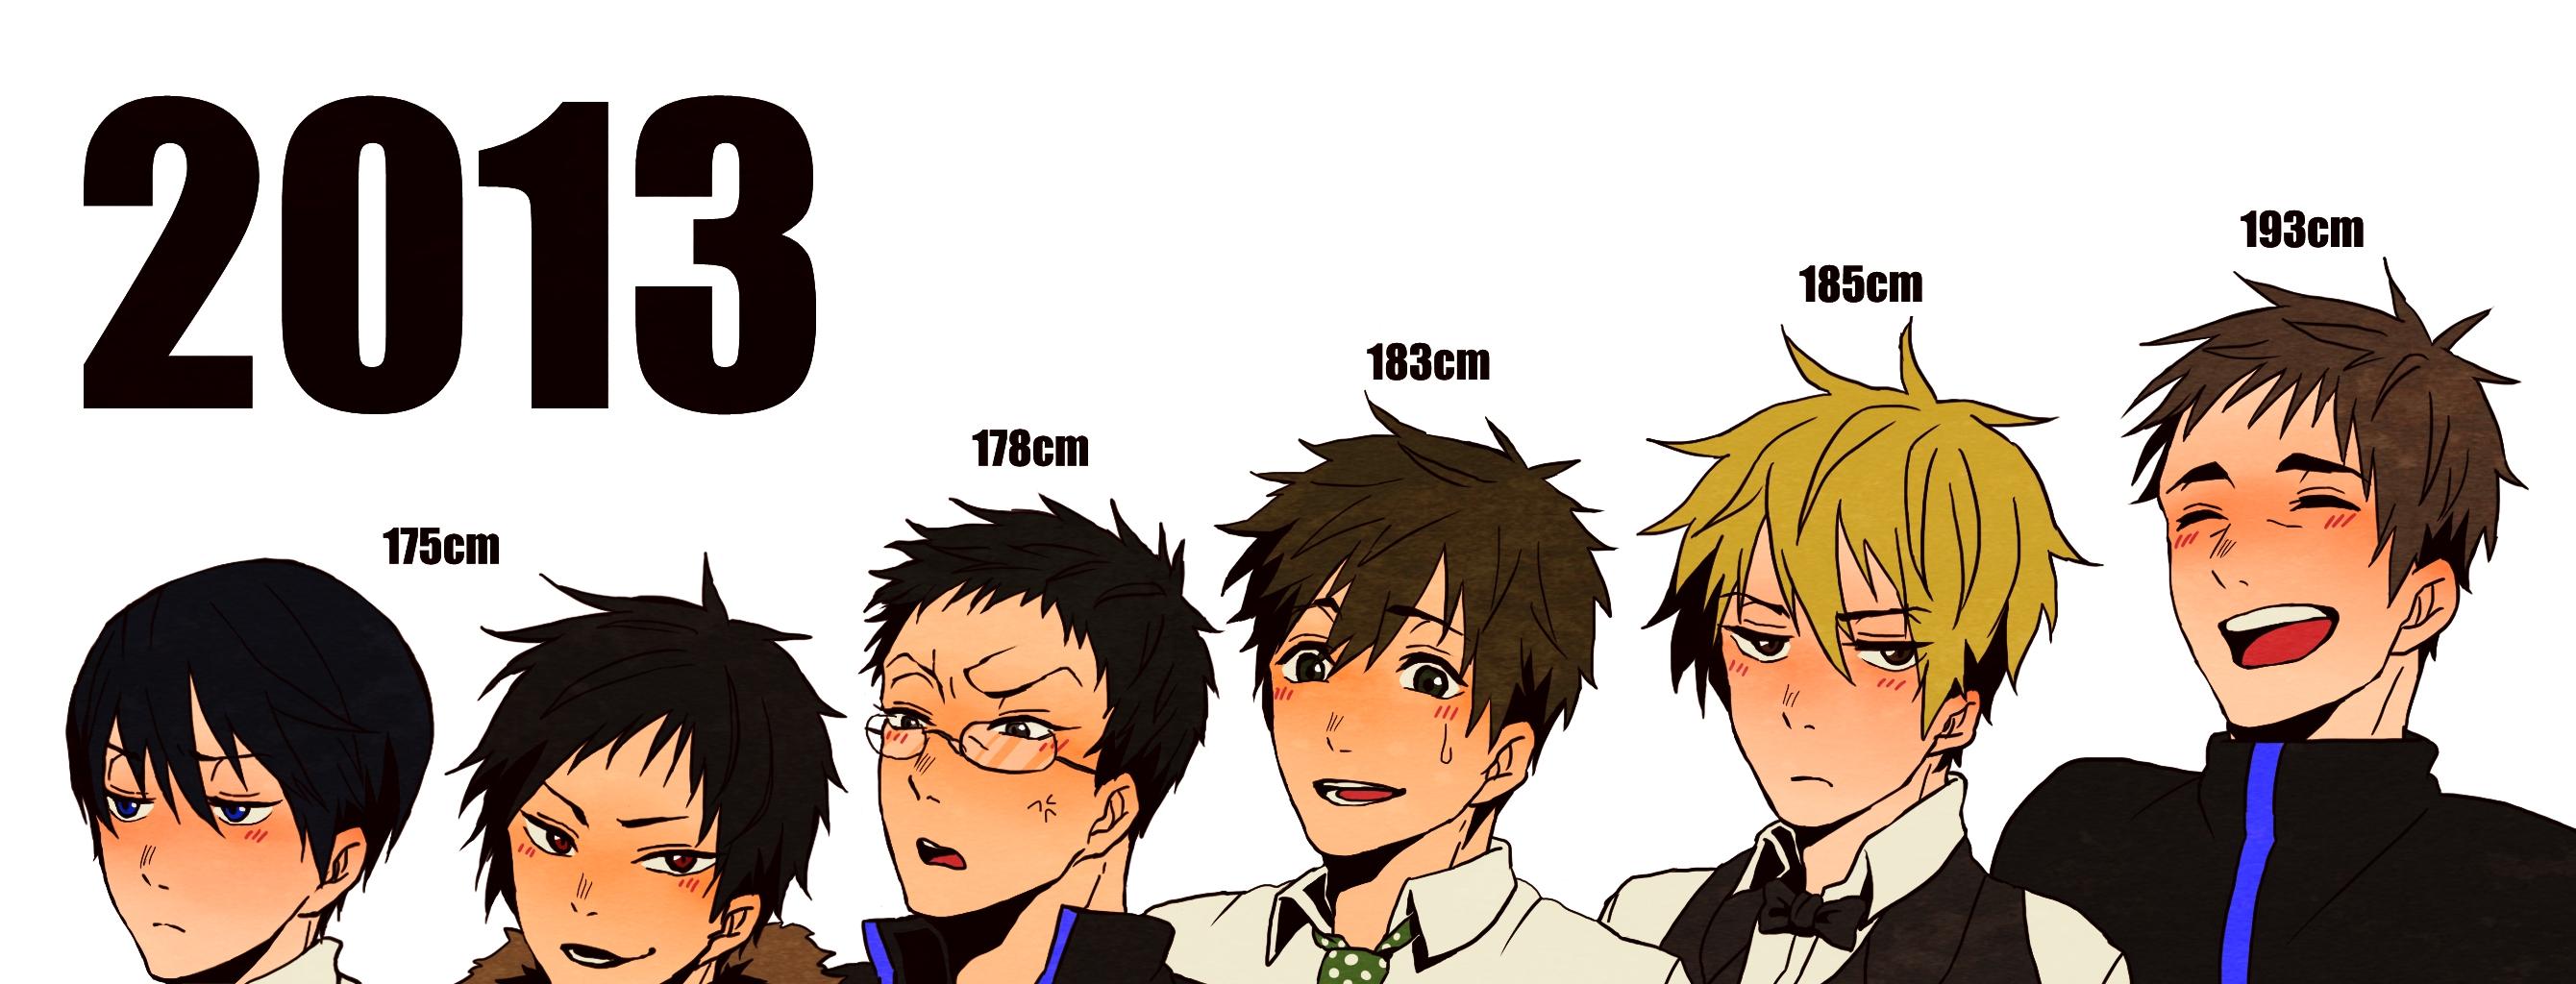 Tags Anime Pixiv Id 1302892 Free Kuroko No Basuke DURARARA